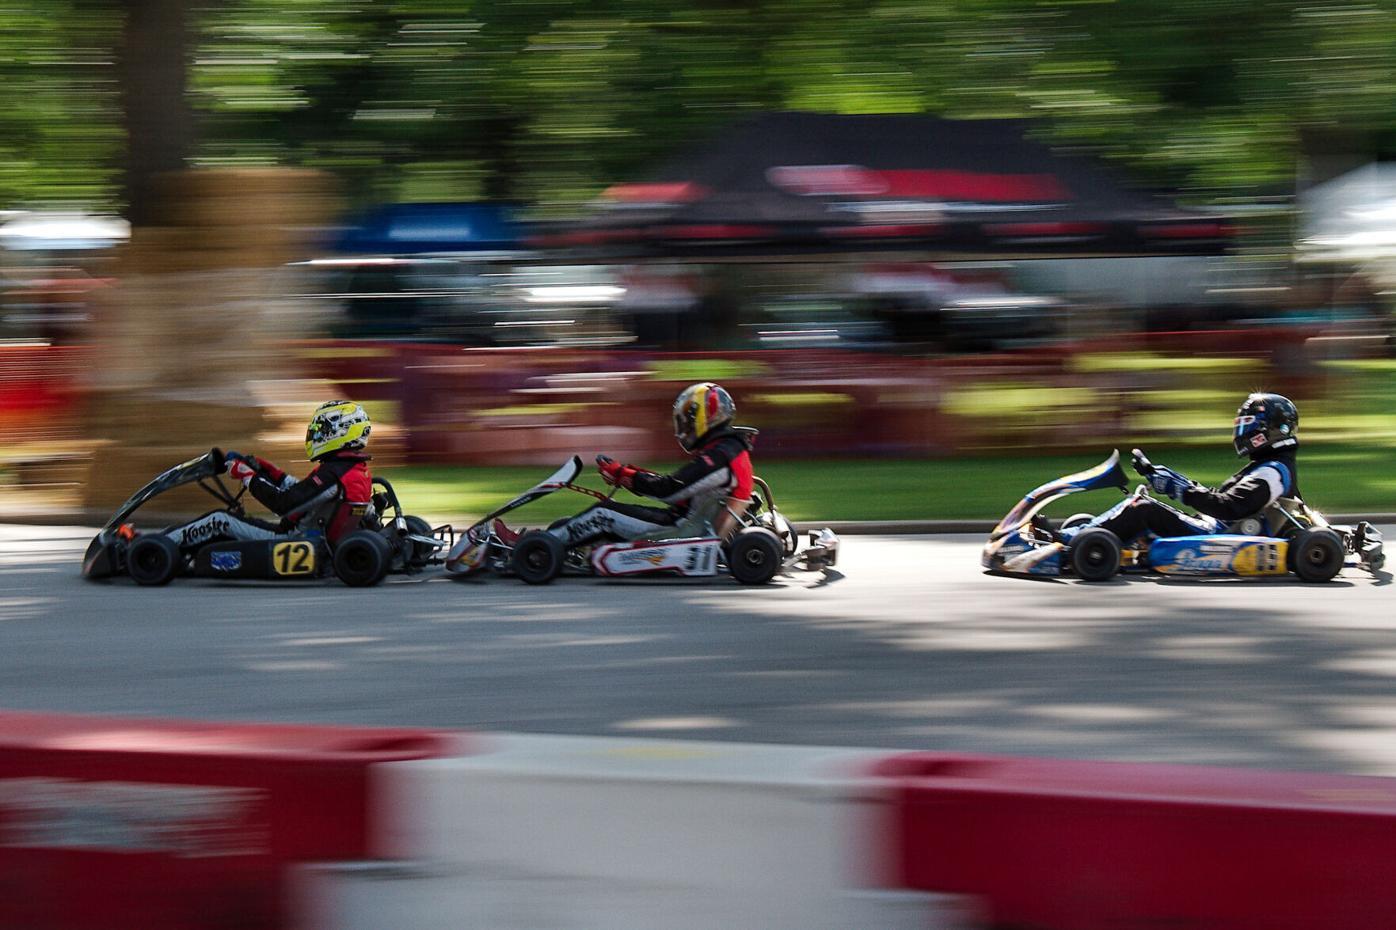 Racing through the park